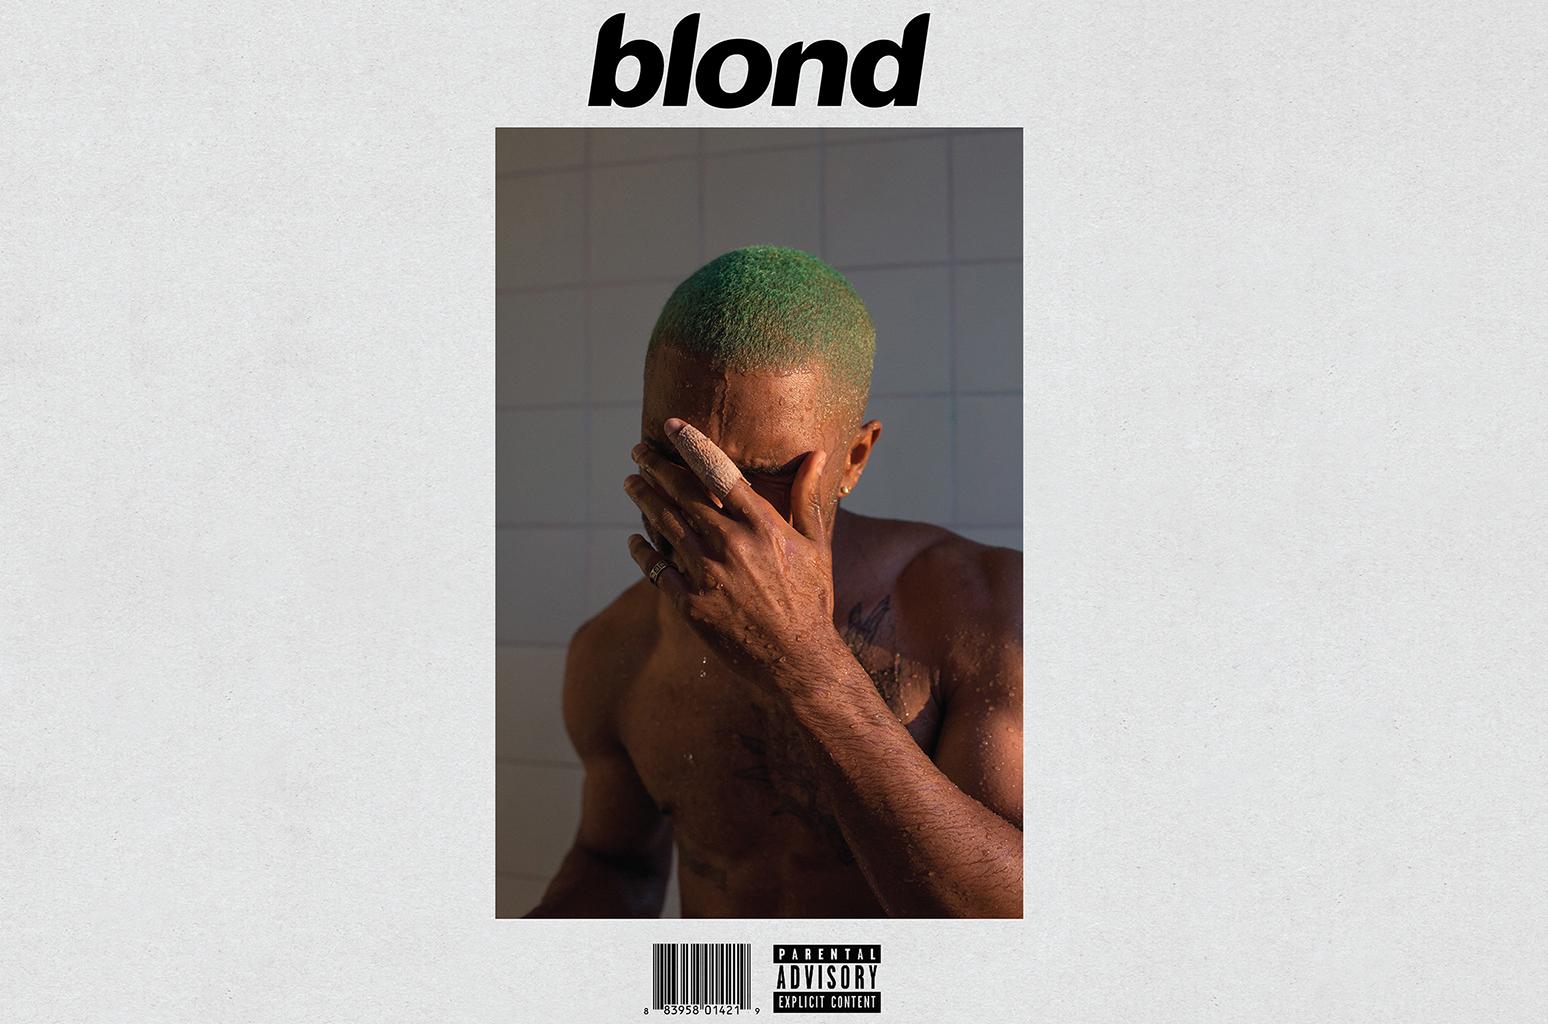 Обложка альбома Фрэнка Оушена Blonde